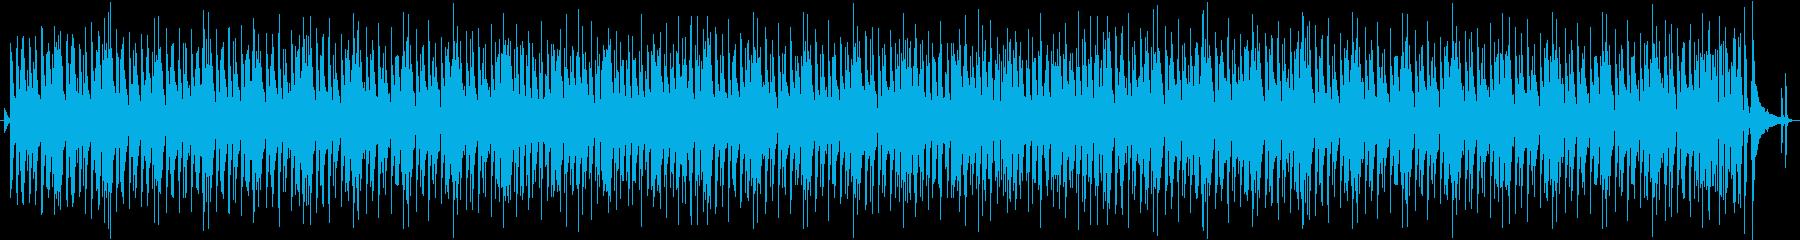 懐かしく優しい気分になれるアンプラグド曲の再生済みの波形